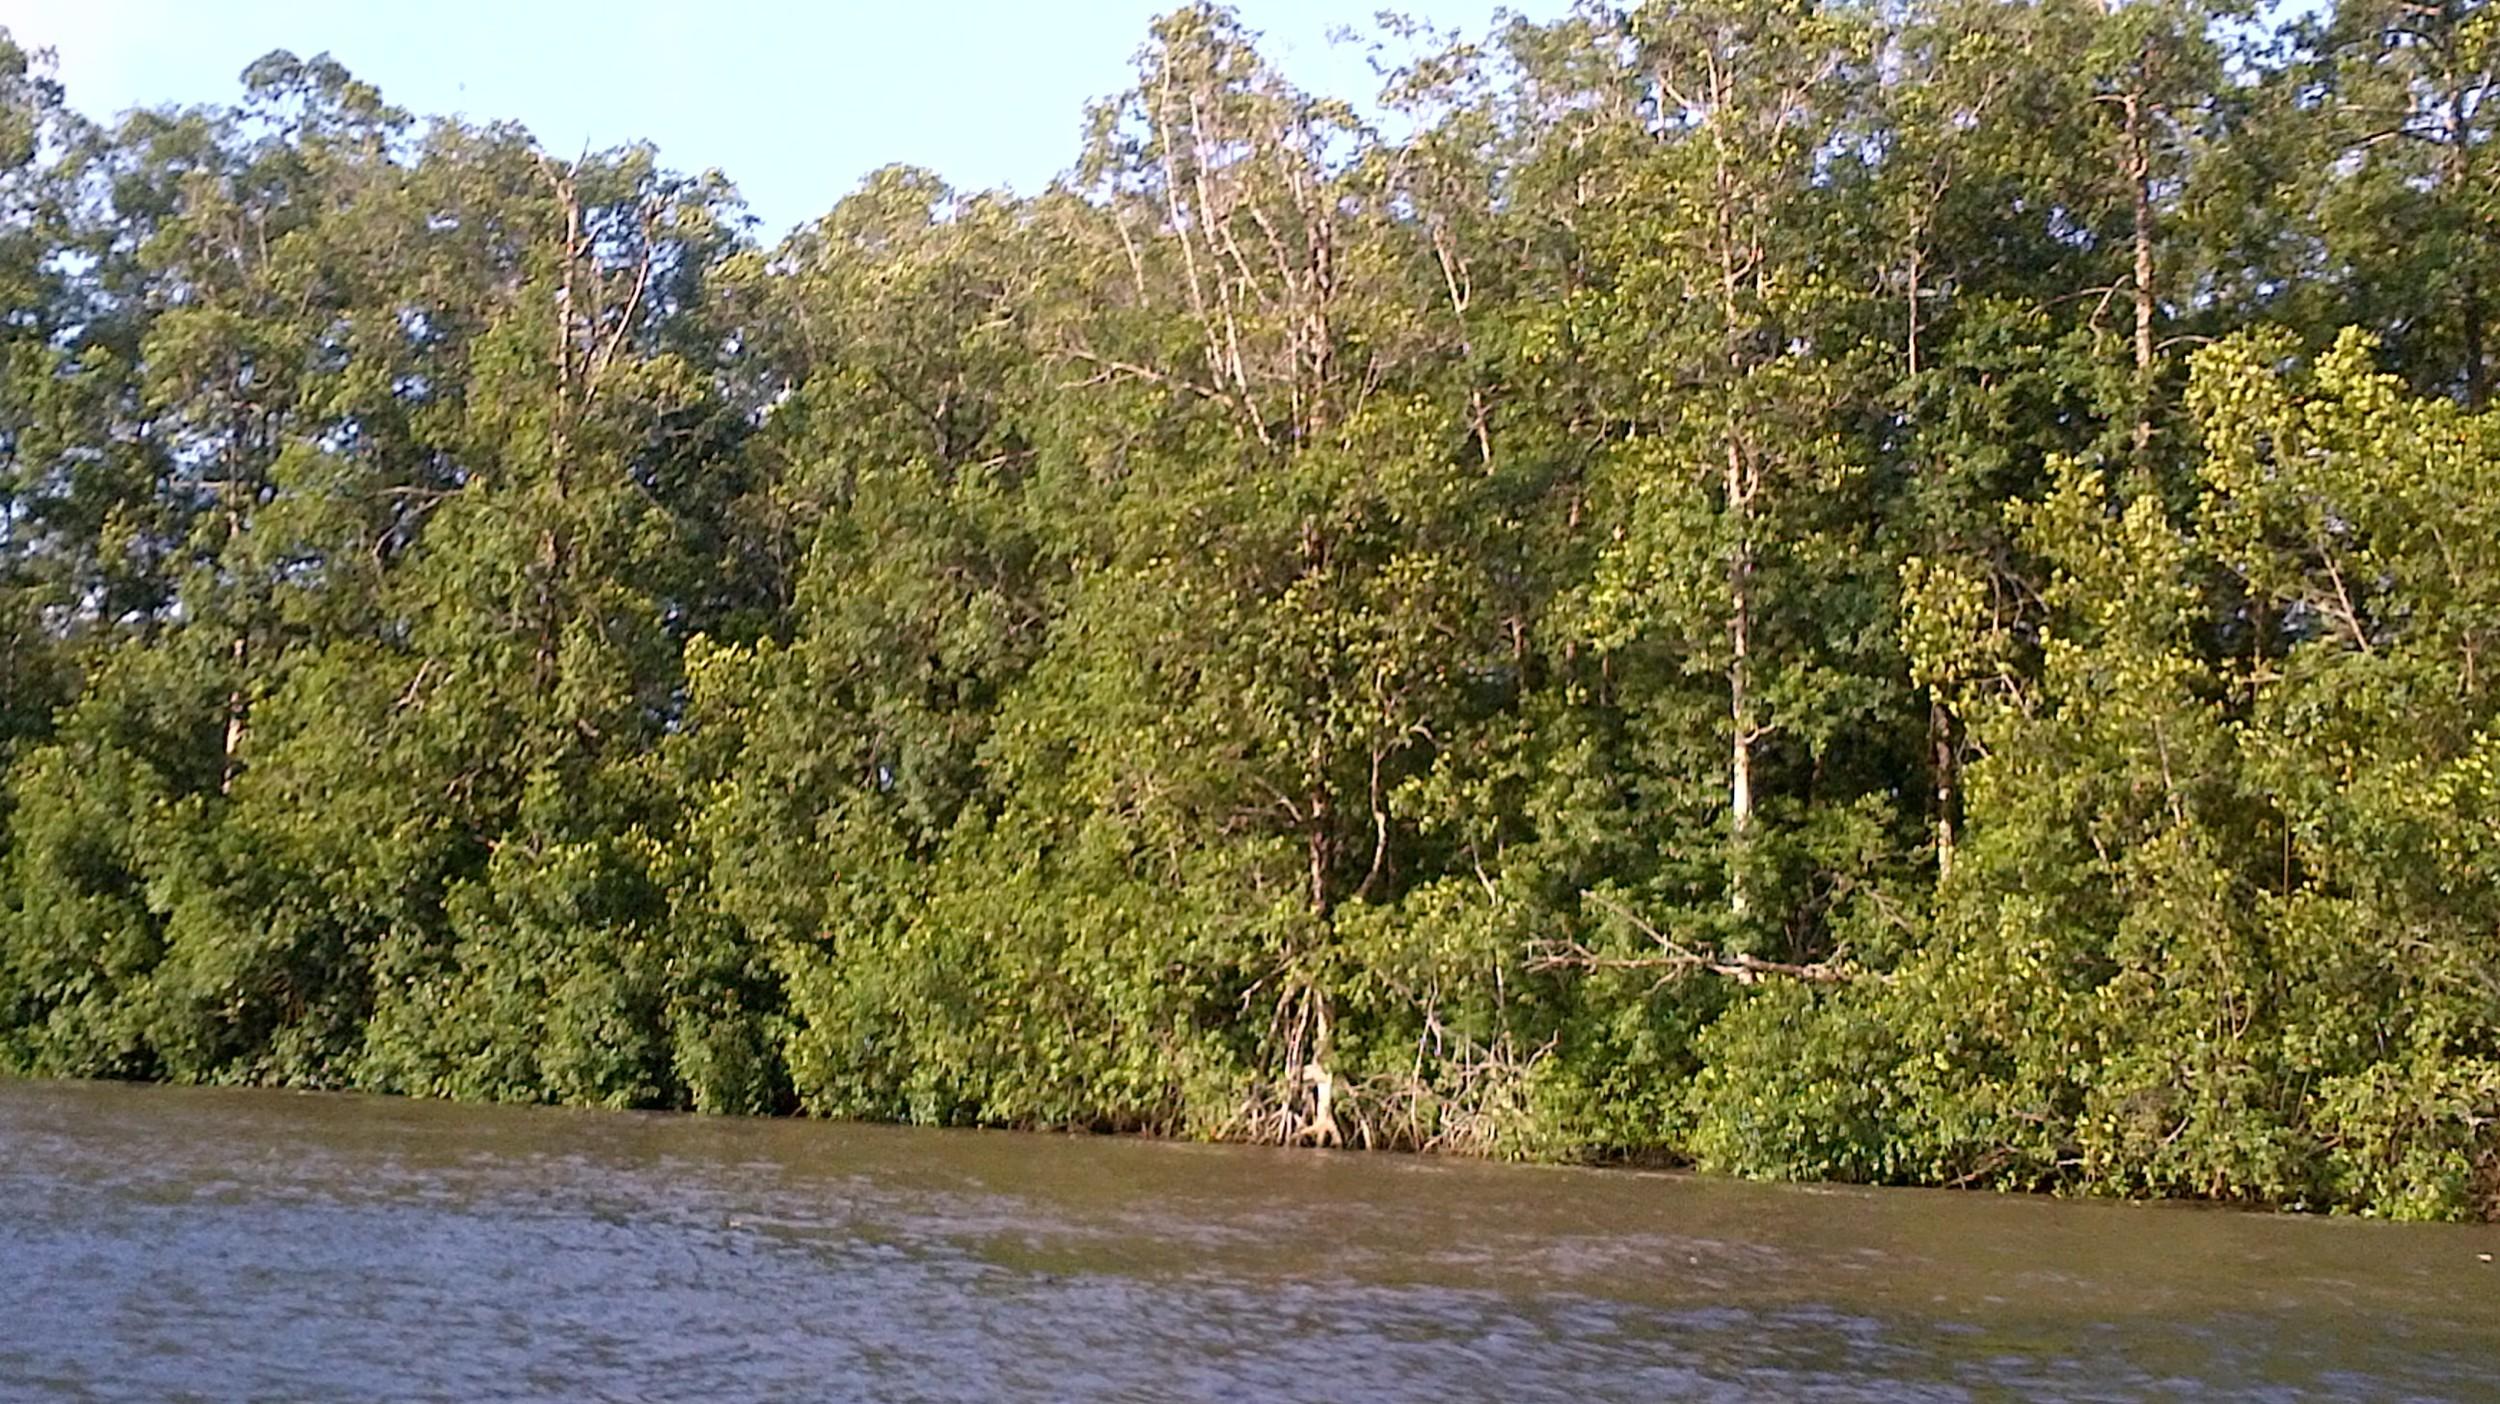 La mangrove préservée de l'île de Manoka. © Madeleine Ngeunga